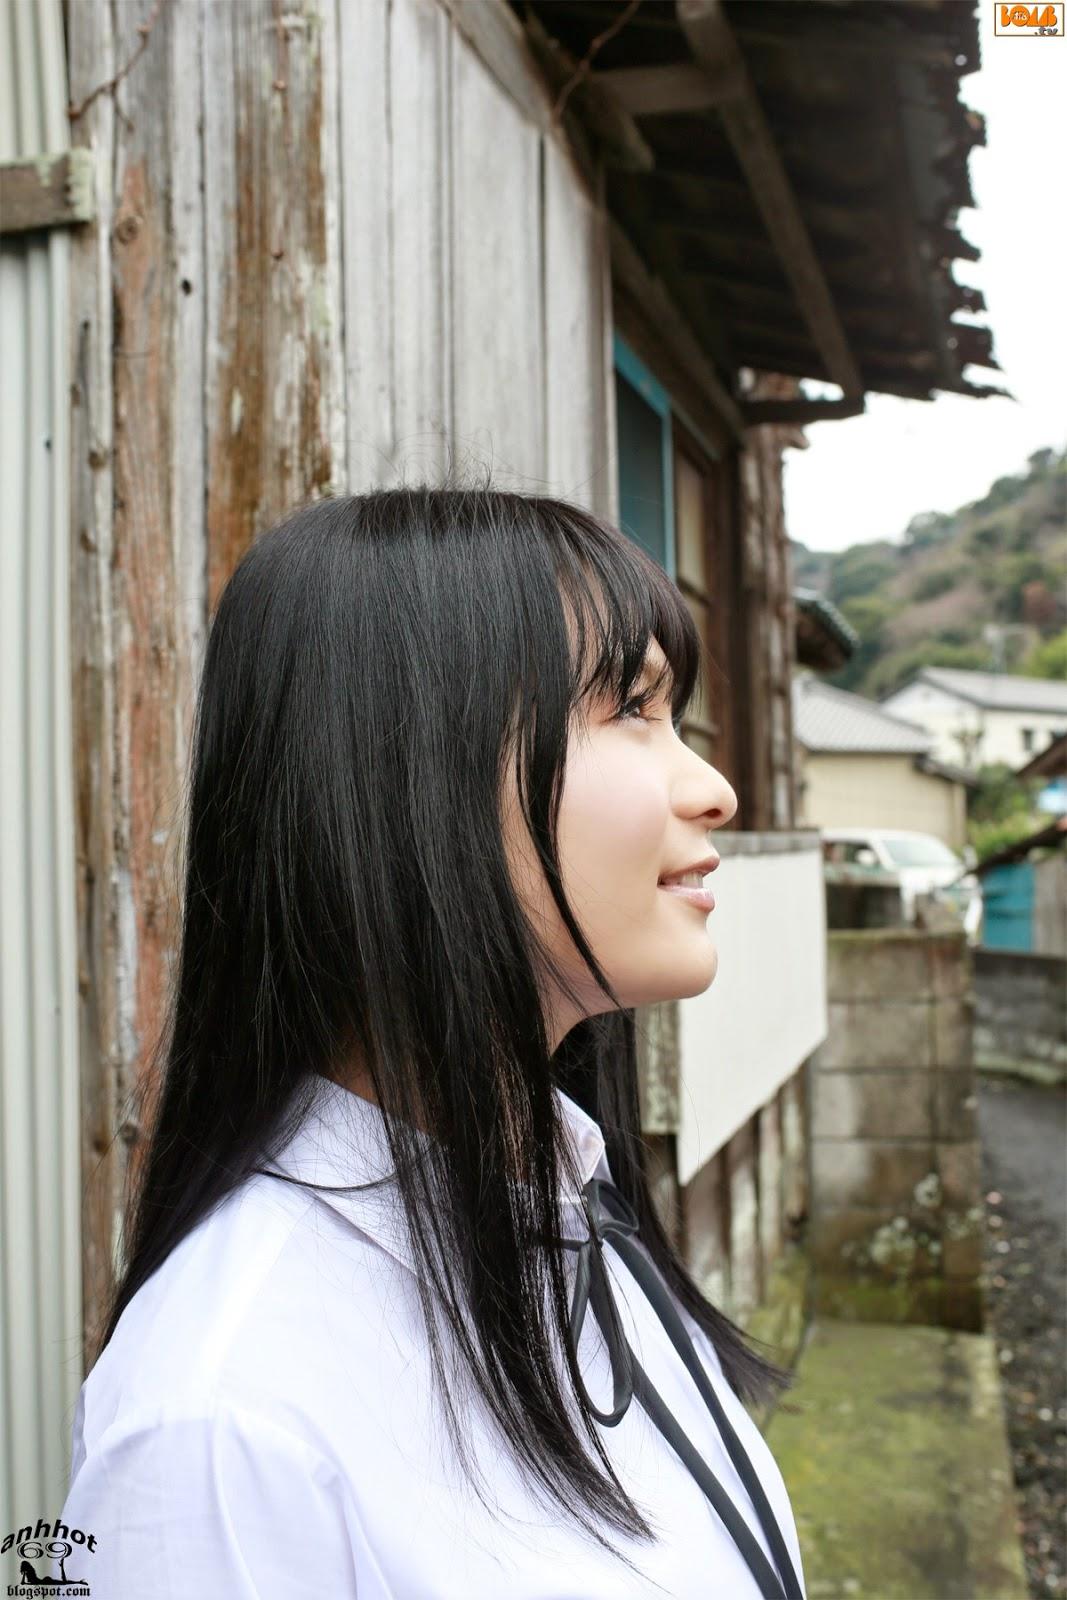 mizuki-hoshina-02127821